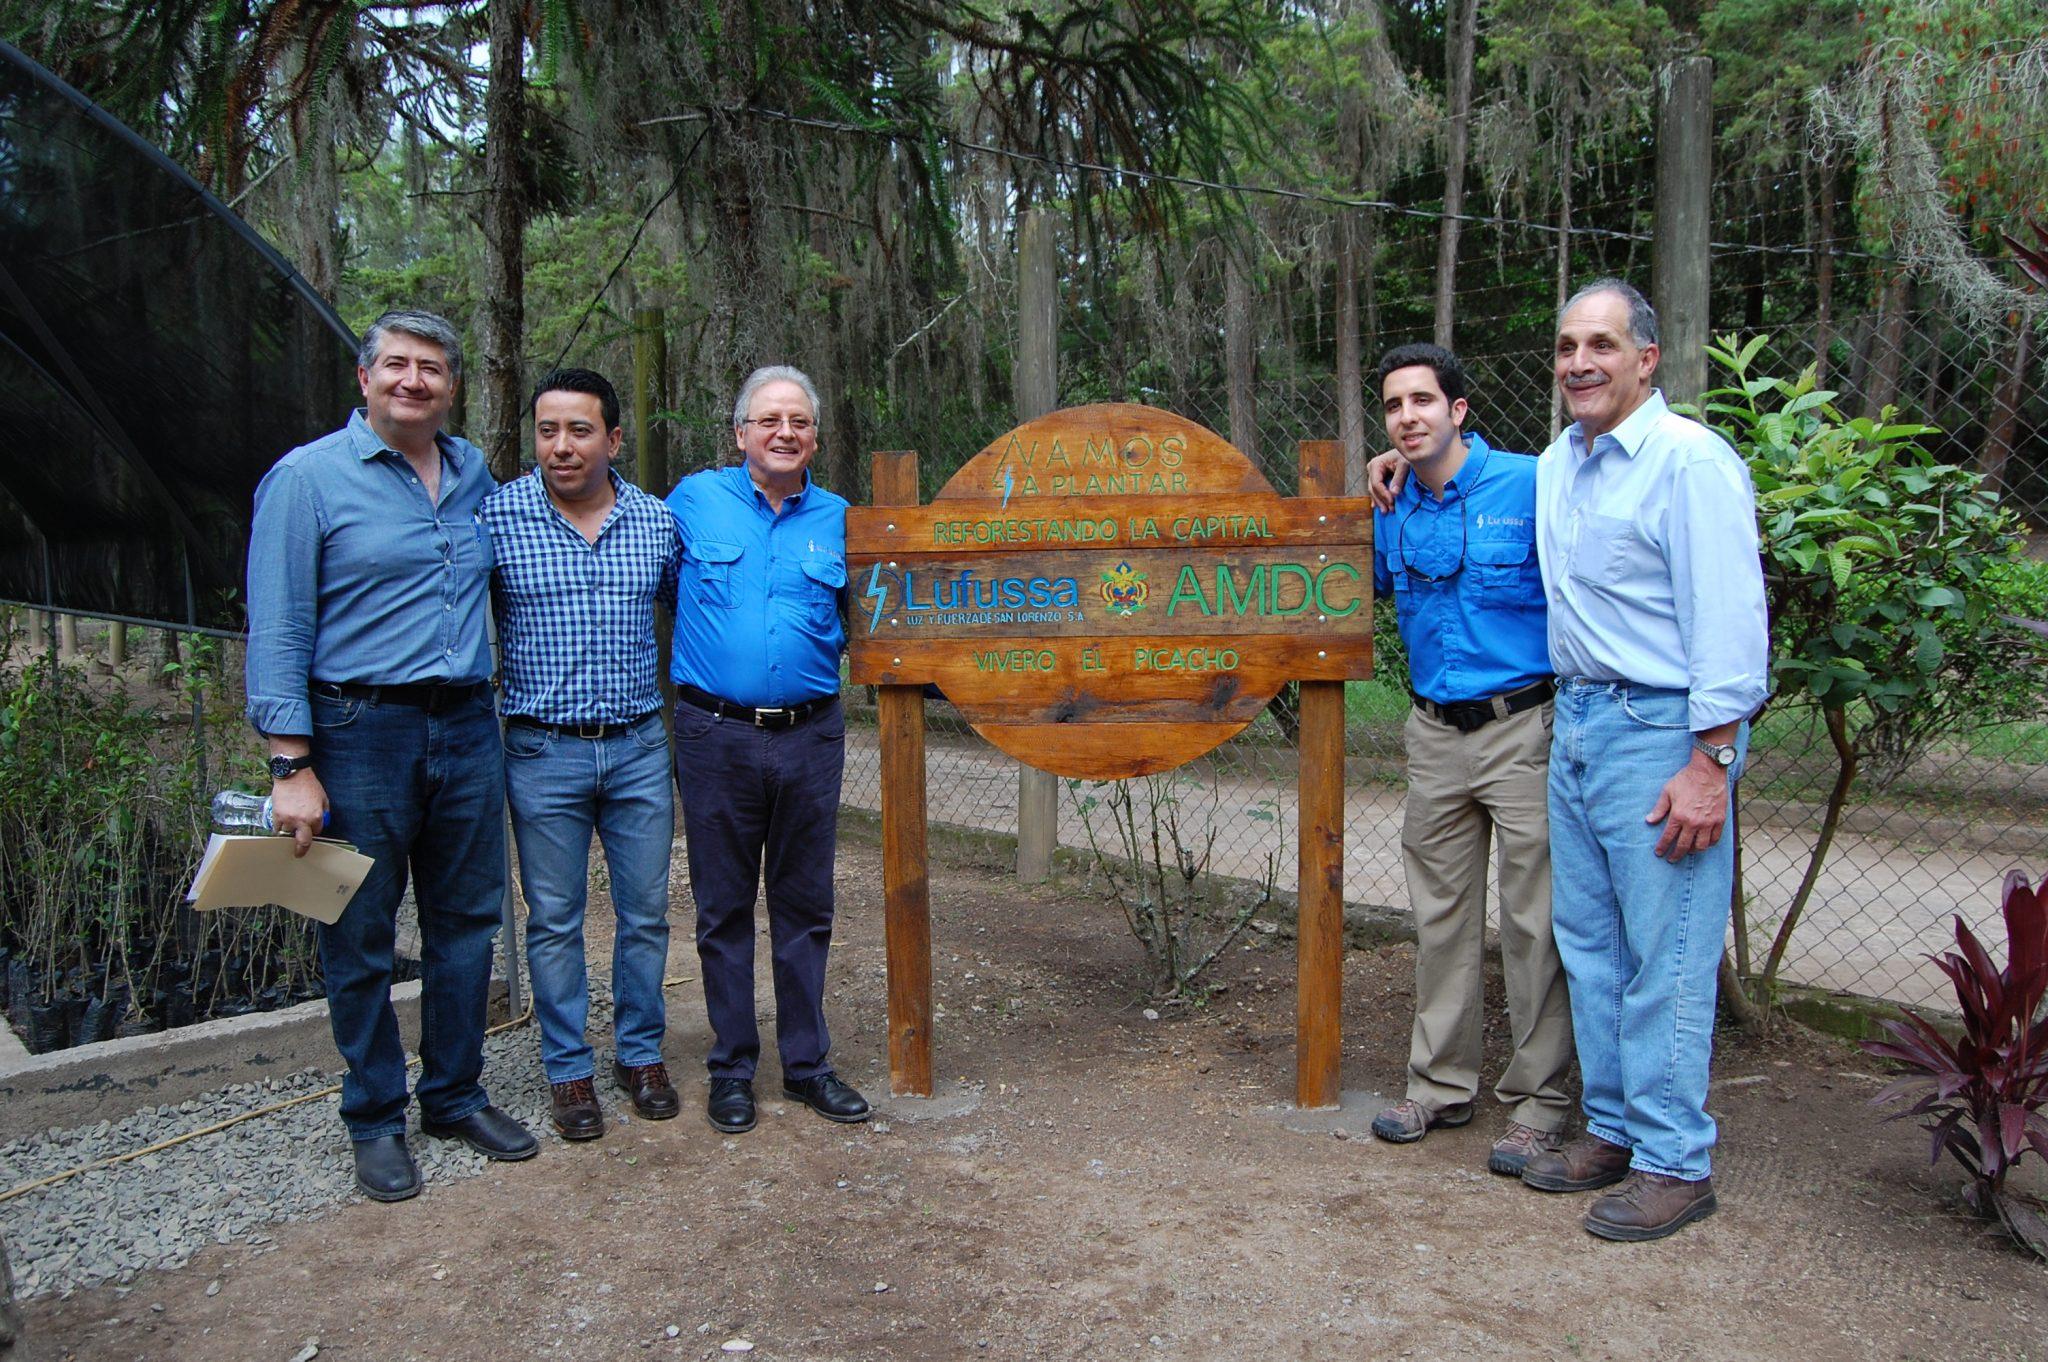 Inaugurado vivero municipal construido por lufussa lufussa for Vivero municipal